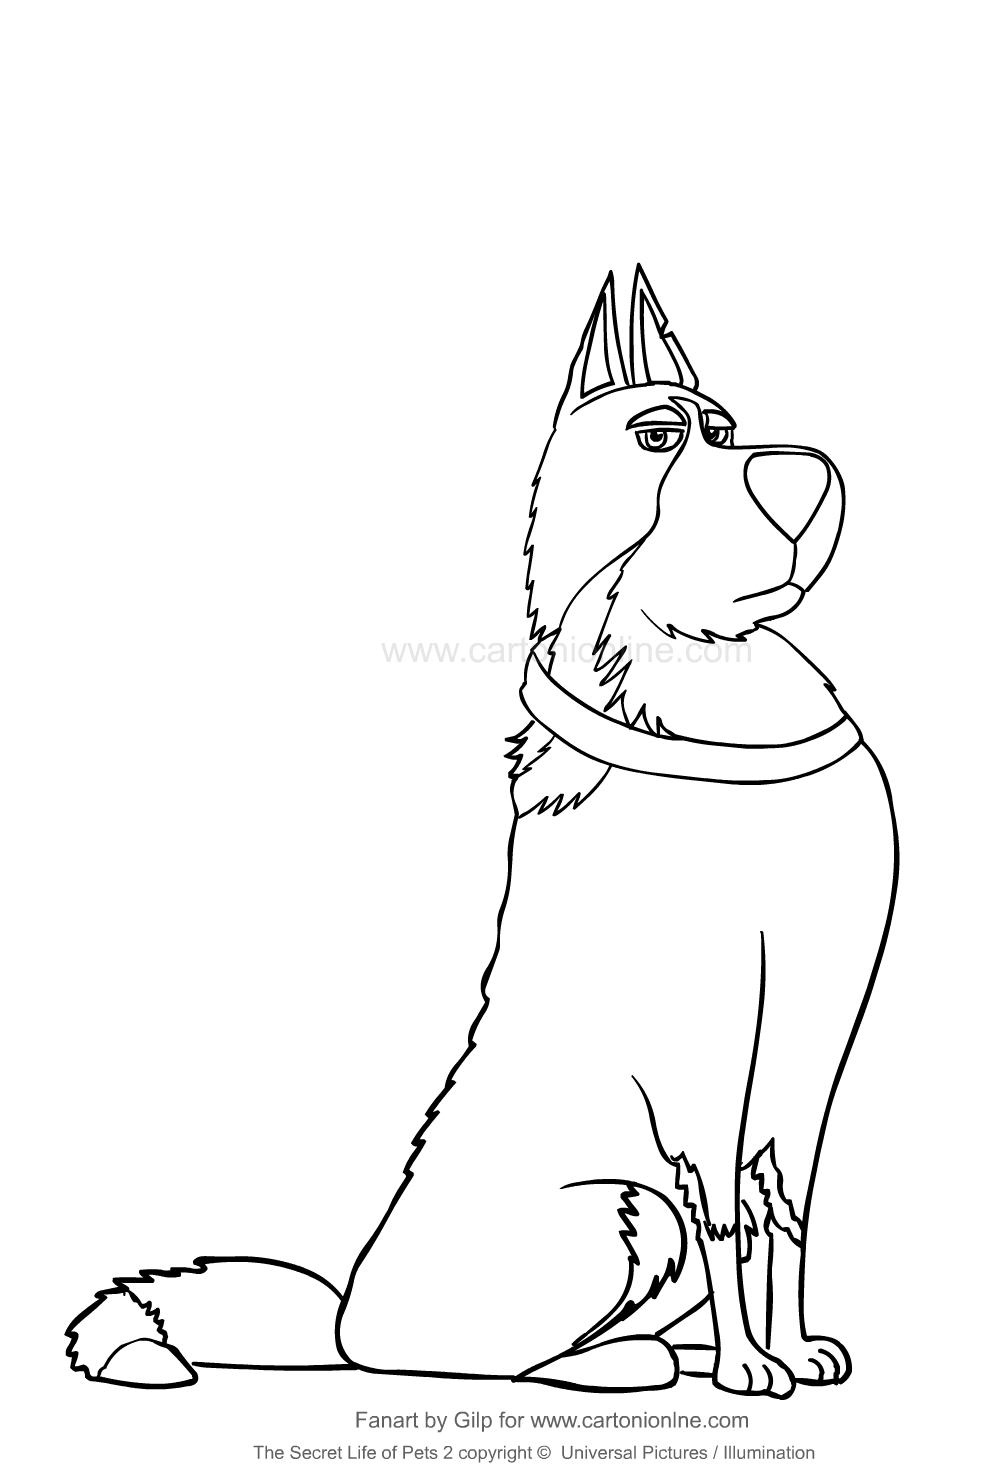 Dibujo De Rooster De Mascotas 2 Para Colorear